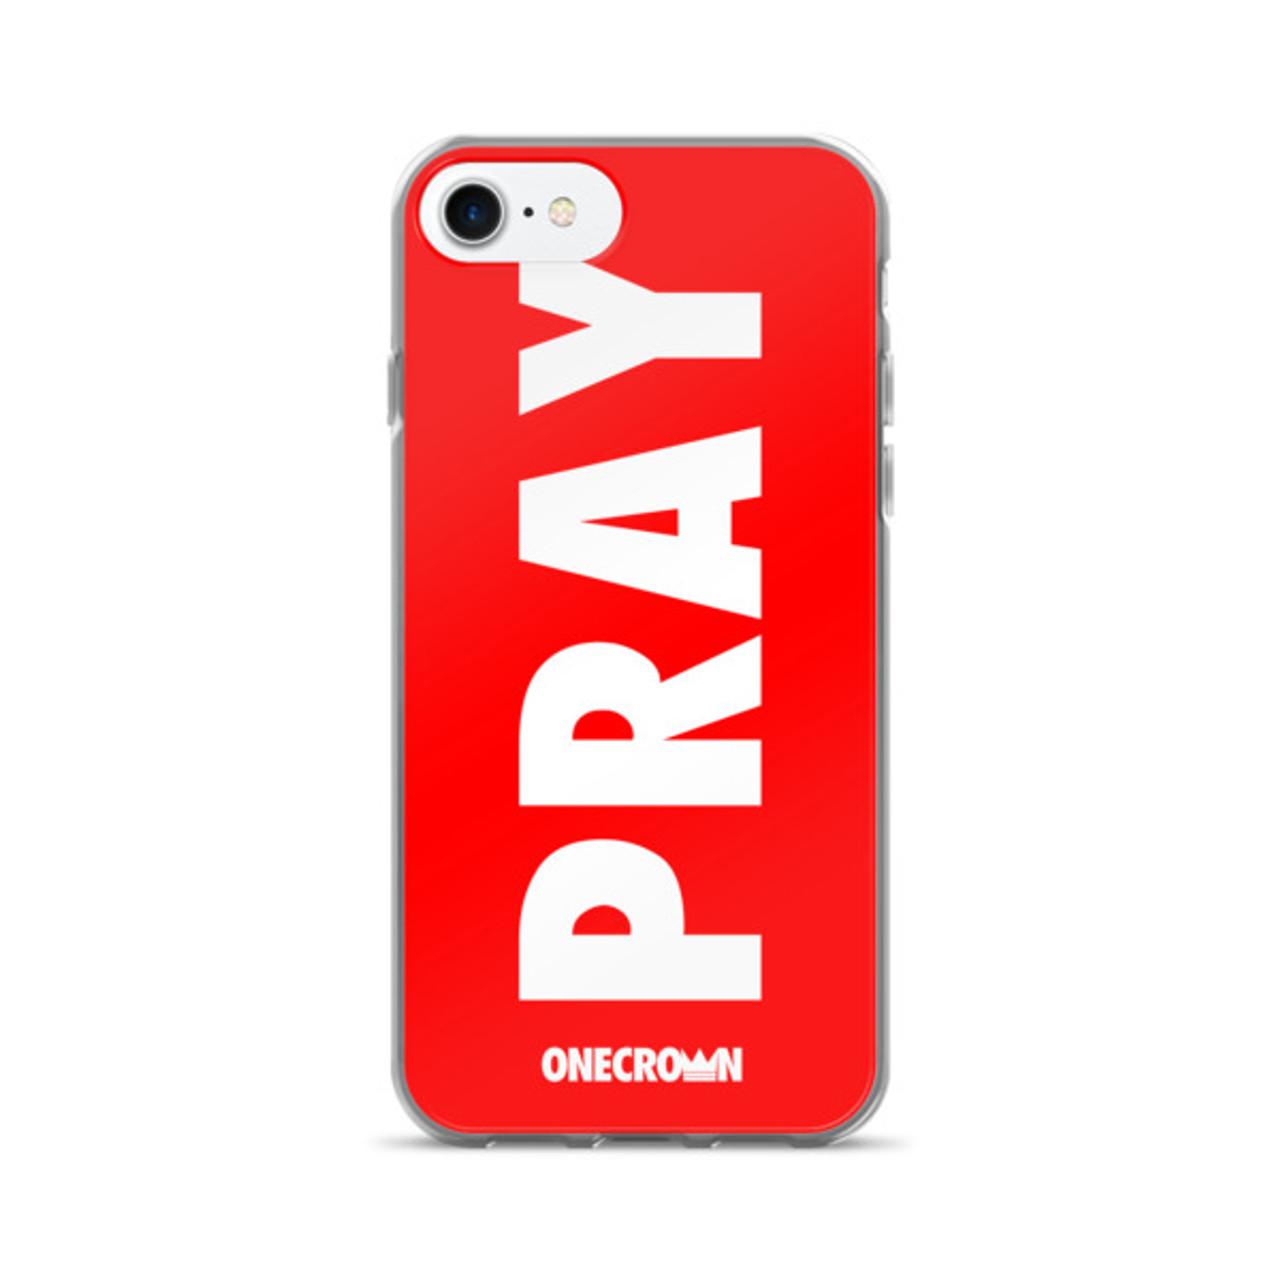 PRAY iPhone 7/7 Plus Case - Red